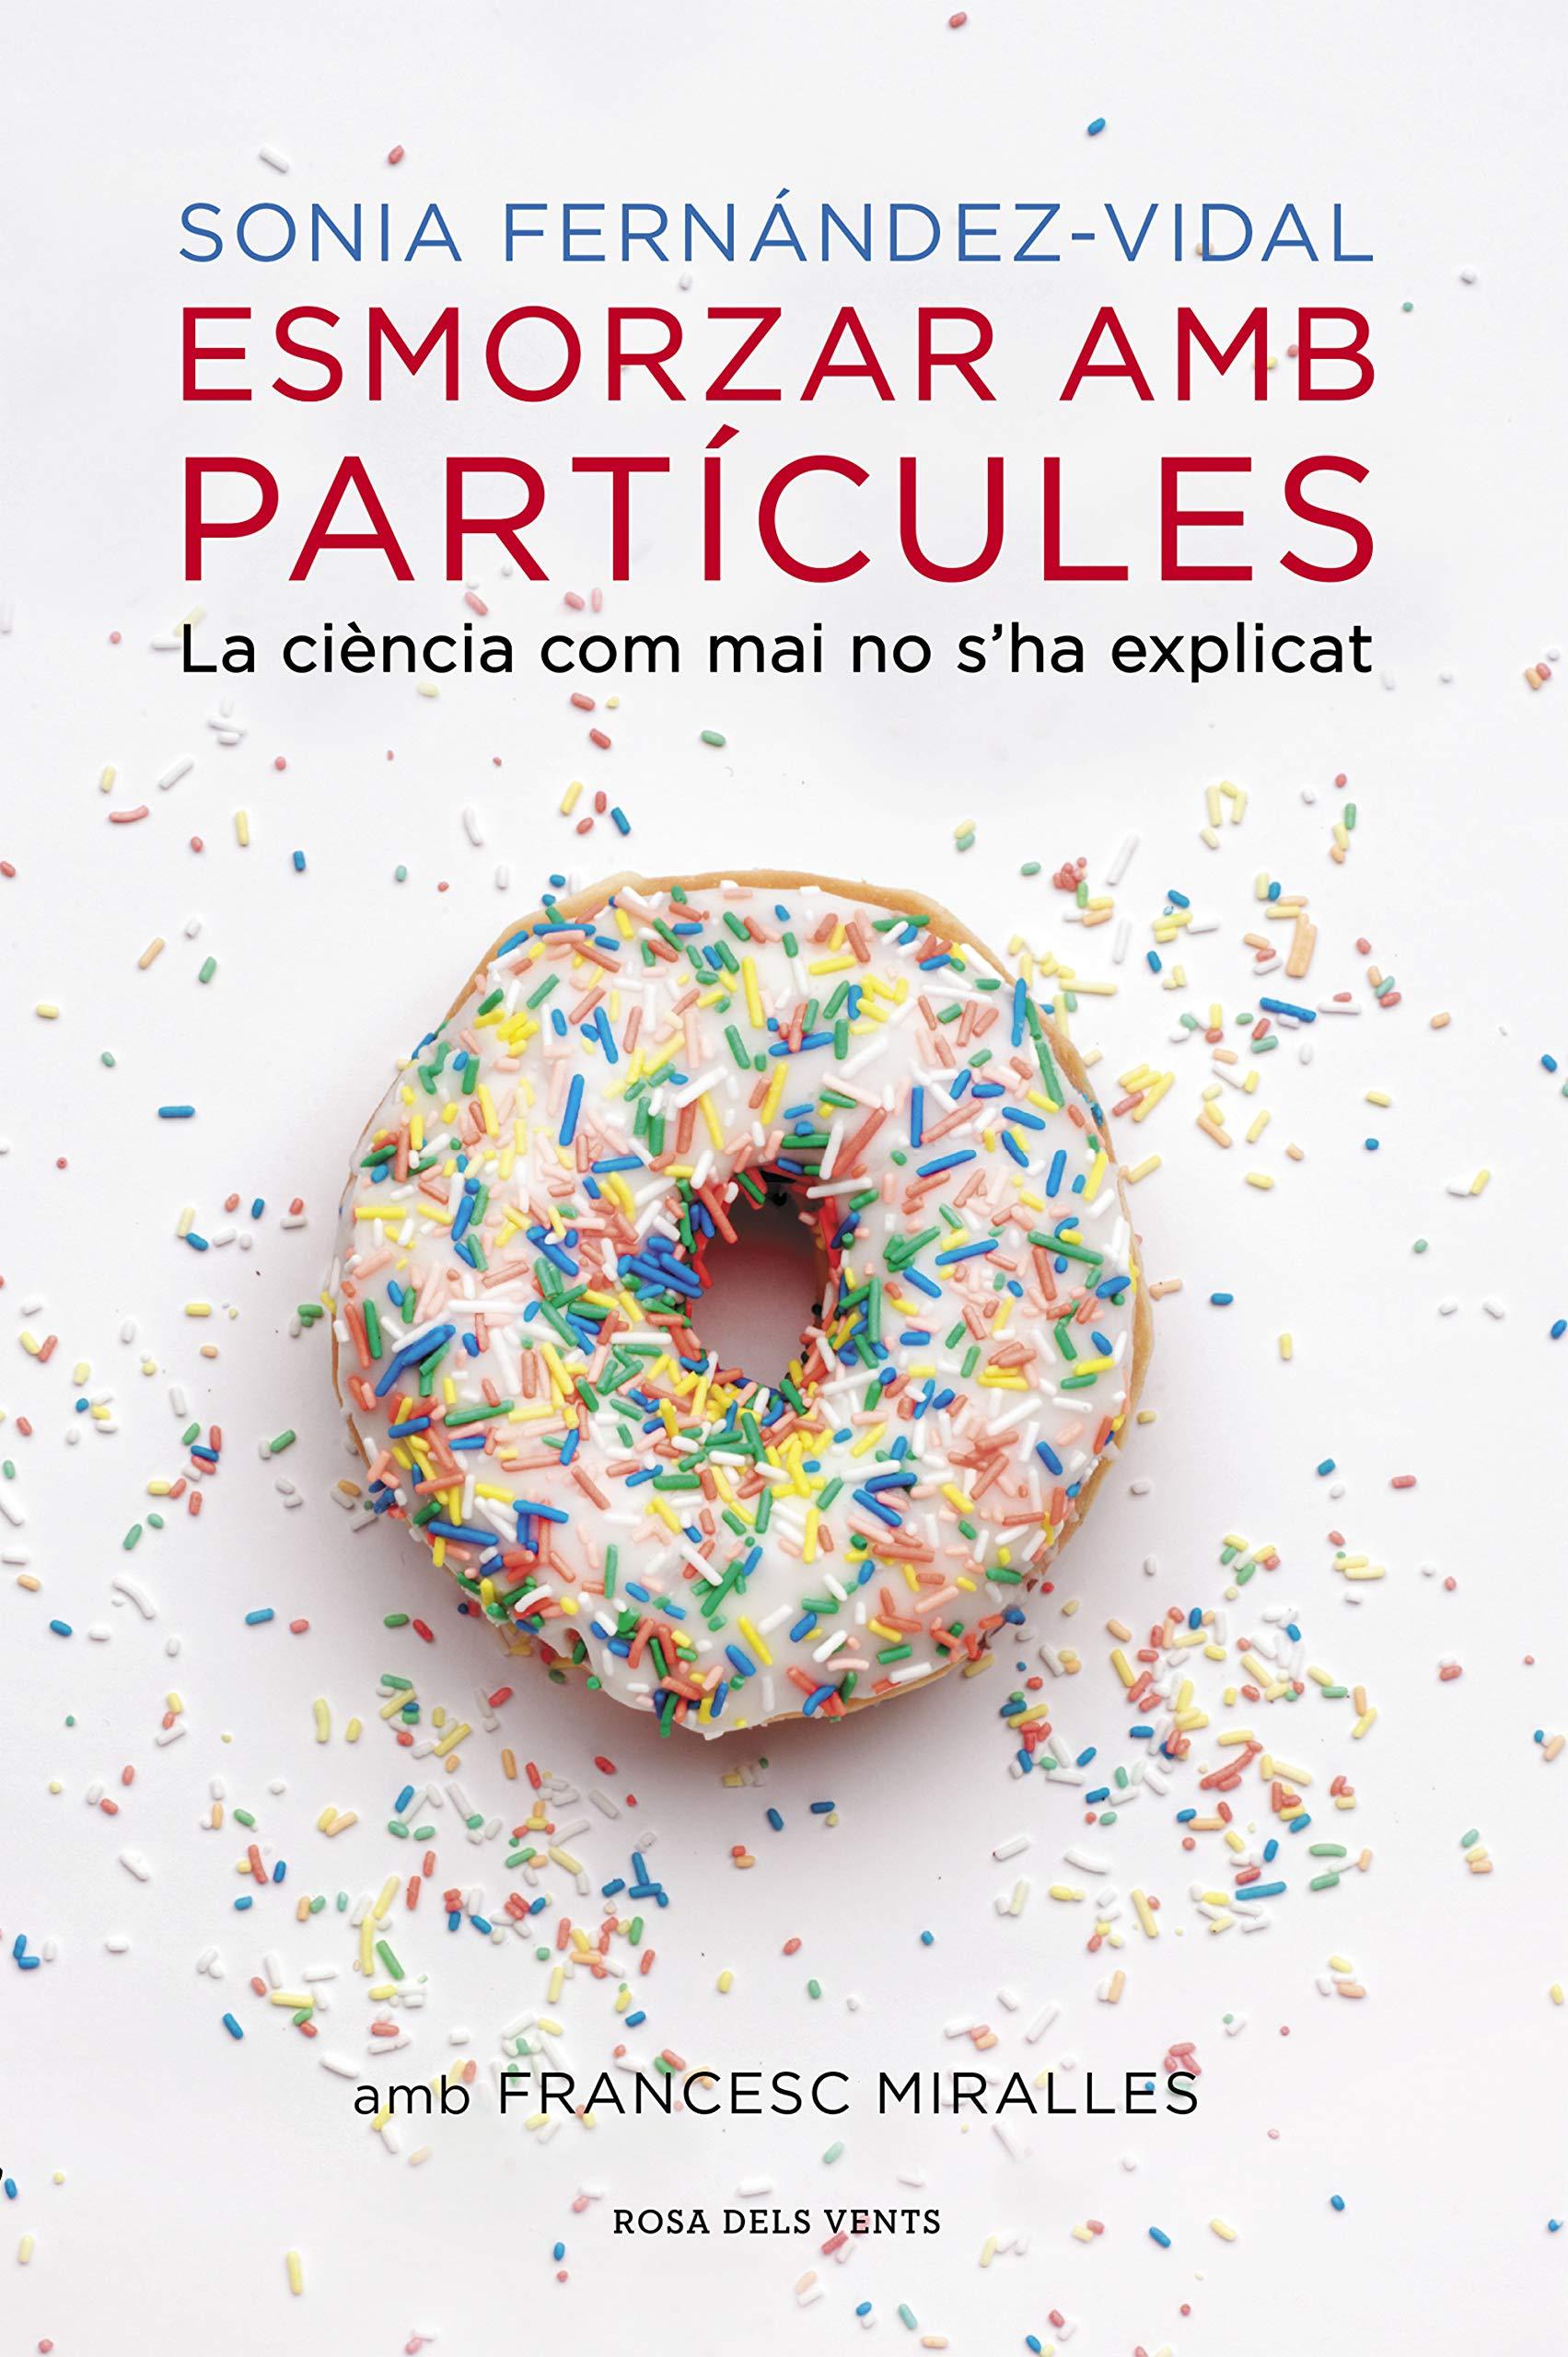 Esmorzar amb partícules  La ciència com mai no s ha explicat ACTUALITAT   Amazon.es  Sonia Fernández Vidal 45c1b7fb642